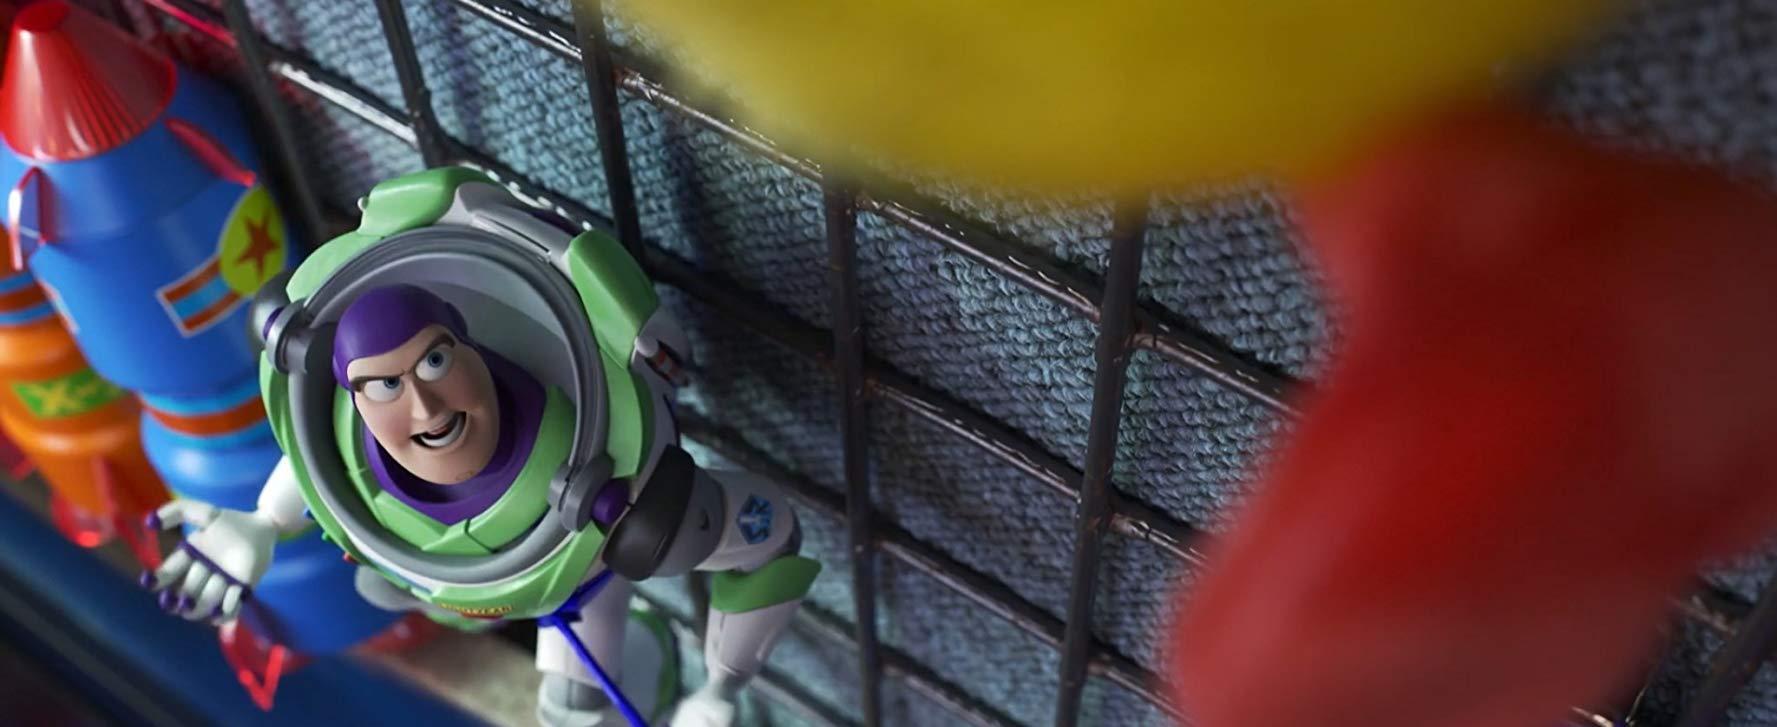 світлини із фильма Фільм - Історія іграшок 4